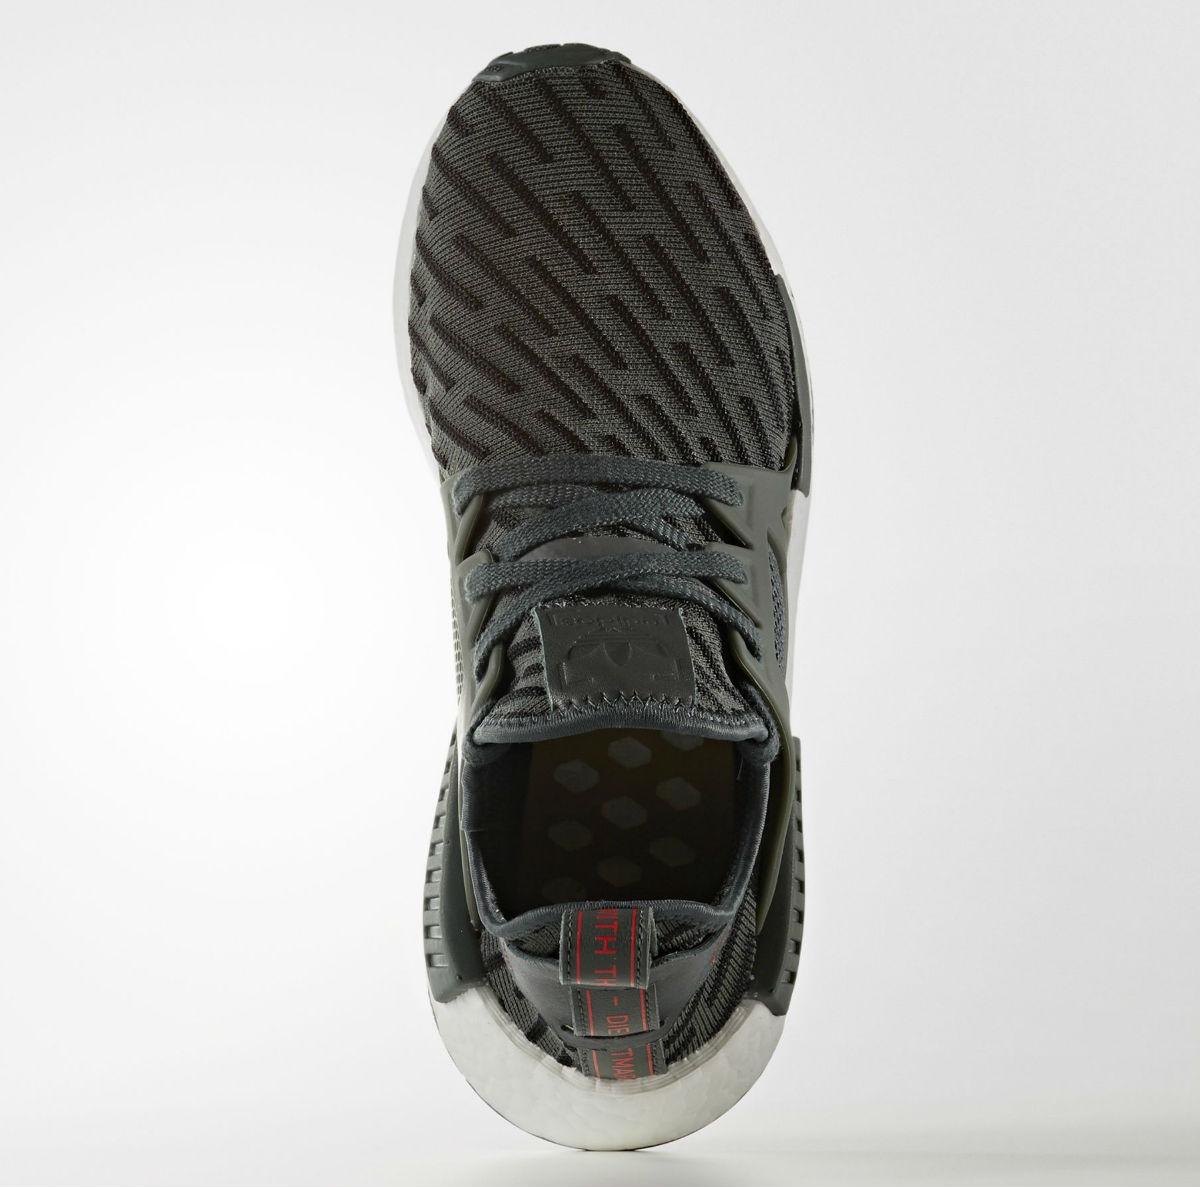 Adidas NMD XR1 Utility Ivy Top BB2375